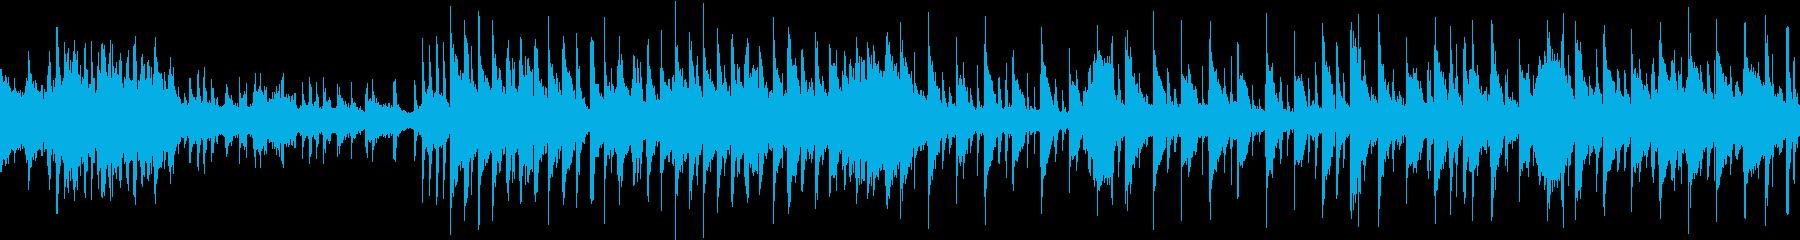 東洋楽器等を使った明るい曲。ループも可の再生済みの波形